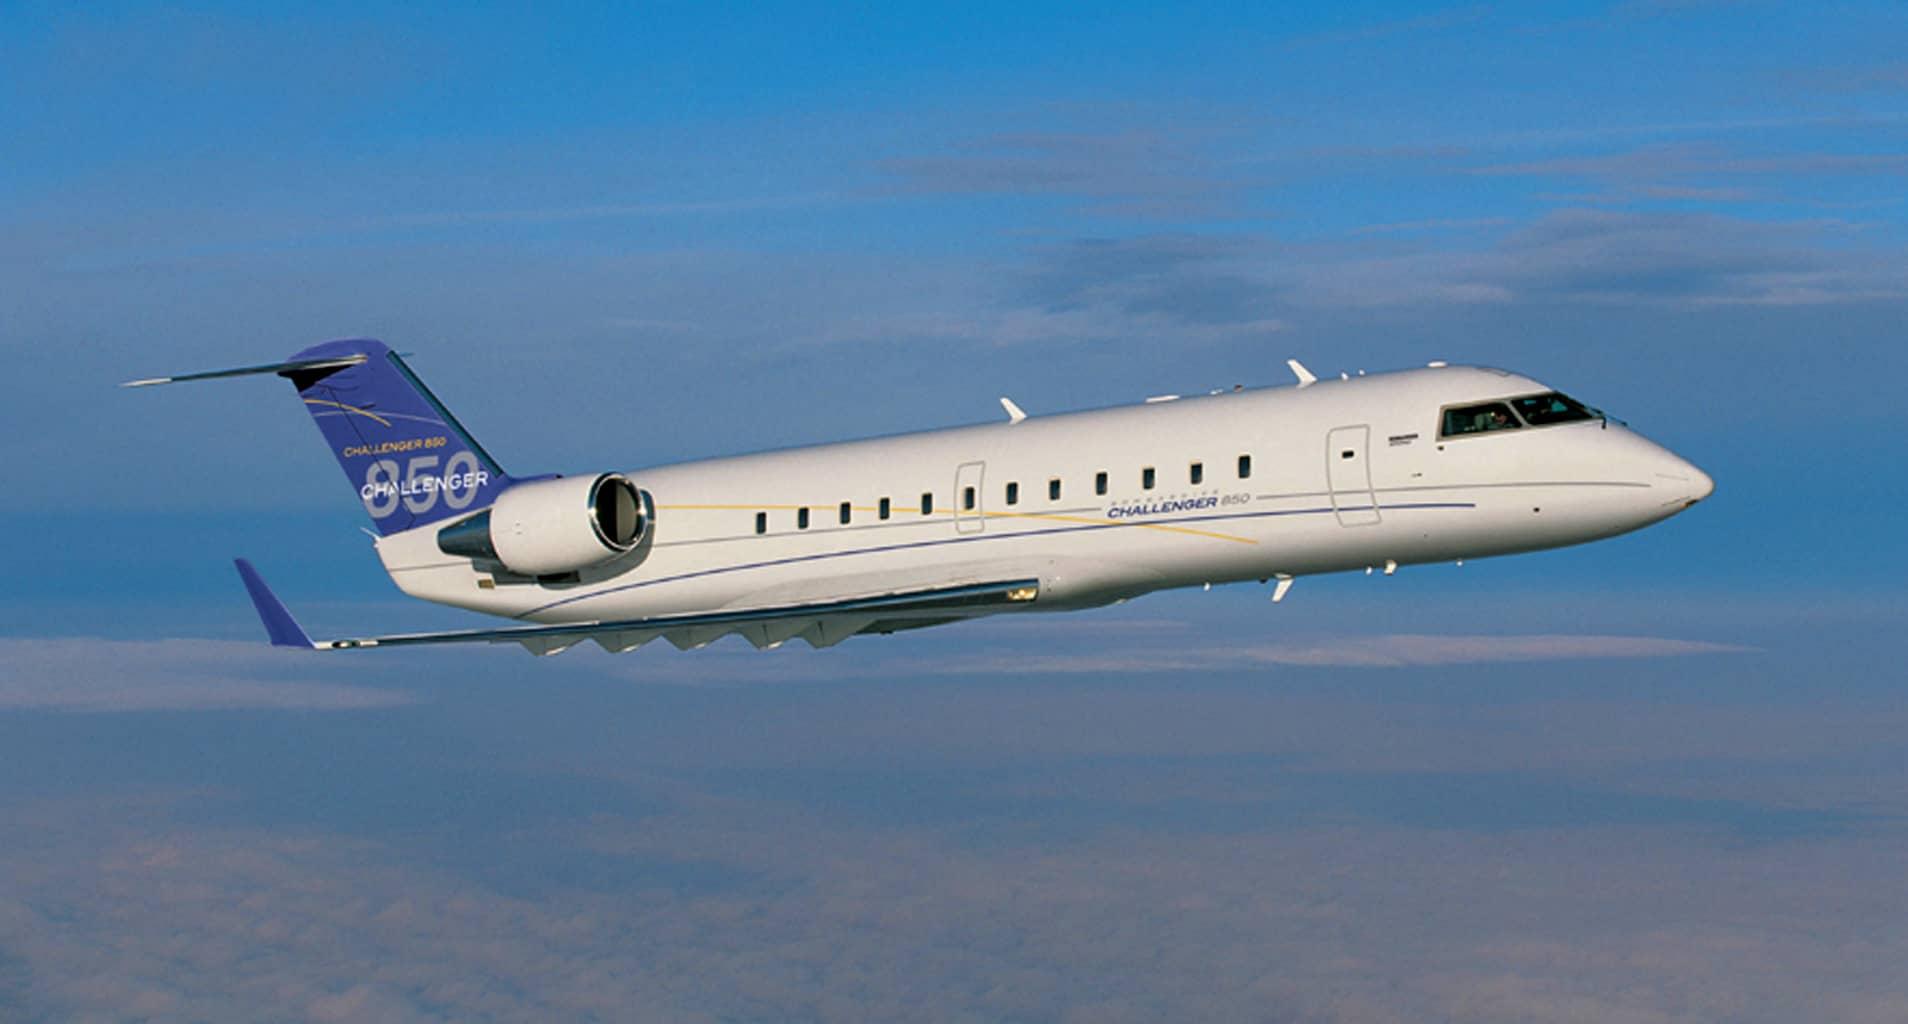 """نتيجة بحث الصور عن طائرة خاصة إلى ليبيا""""تشالنجر 850"""